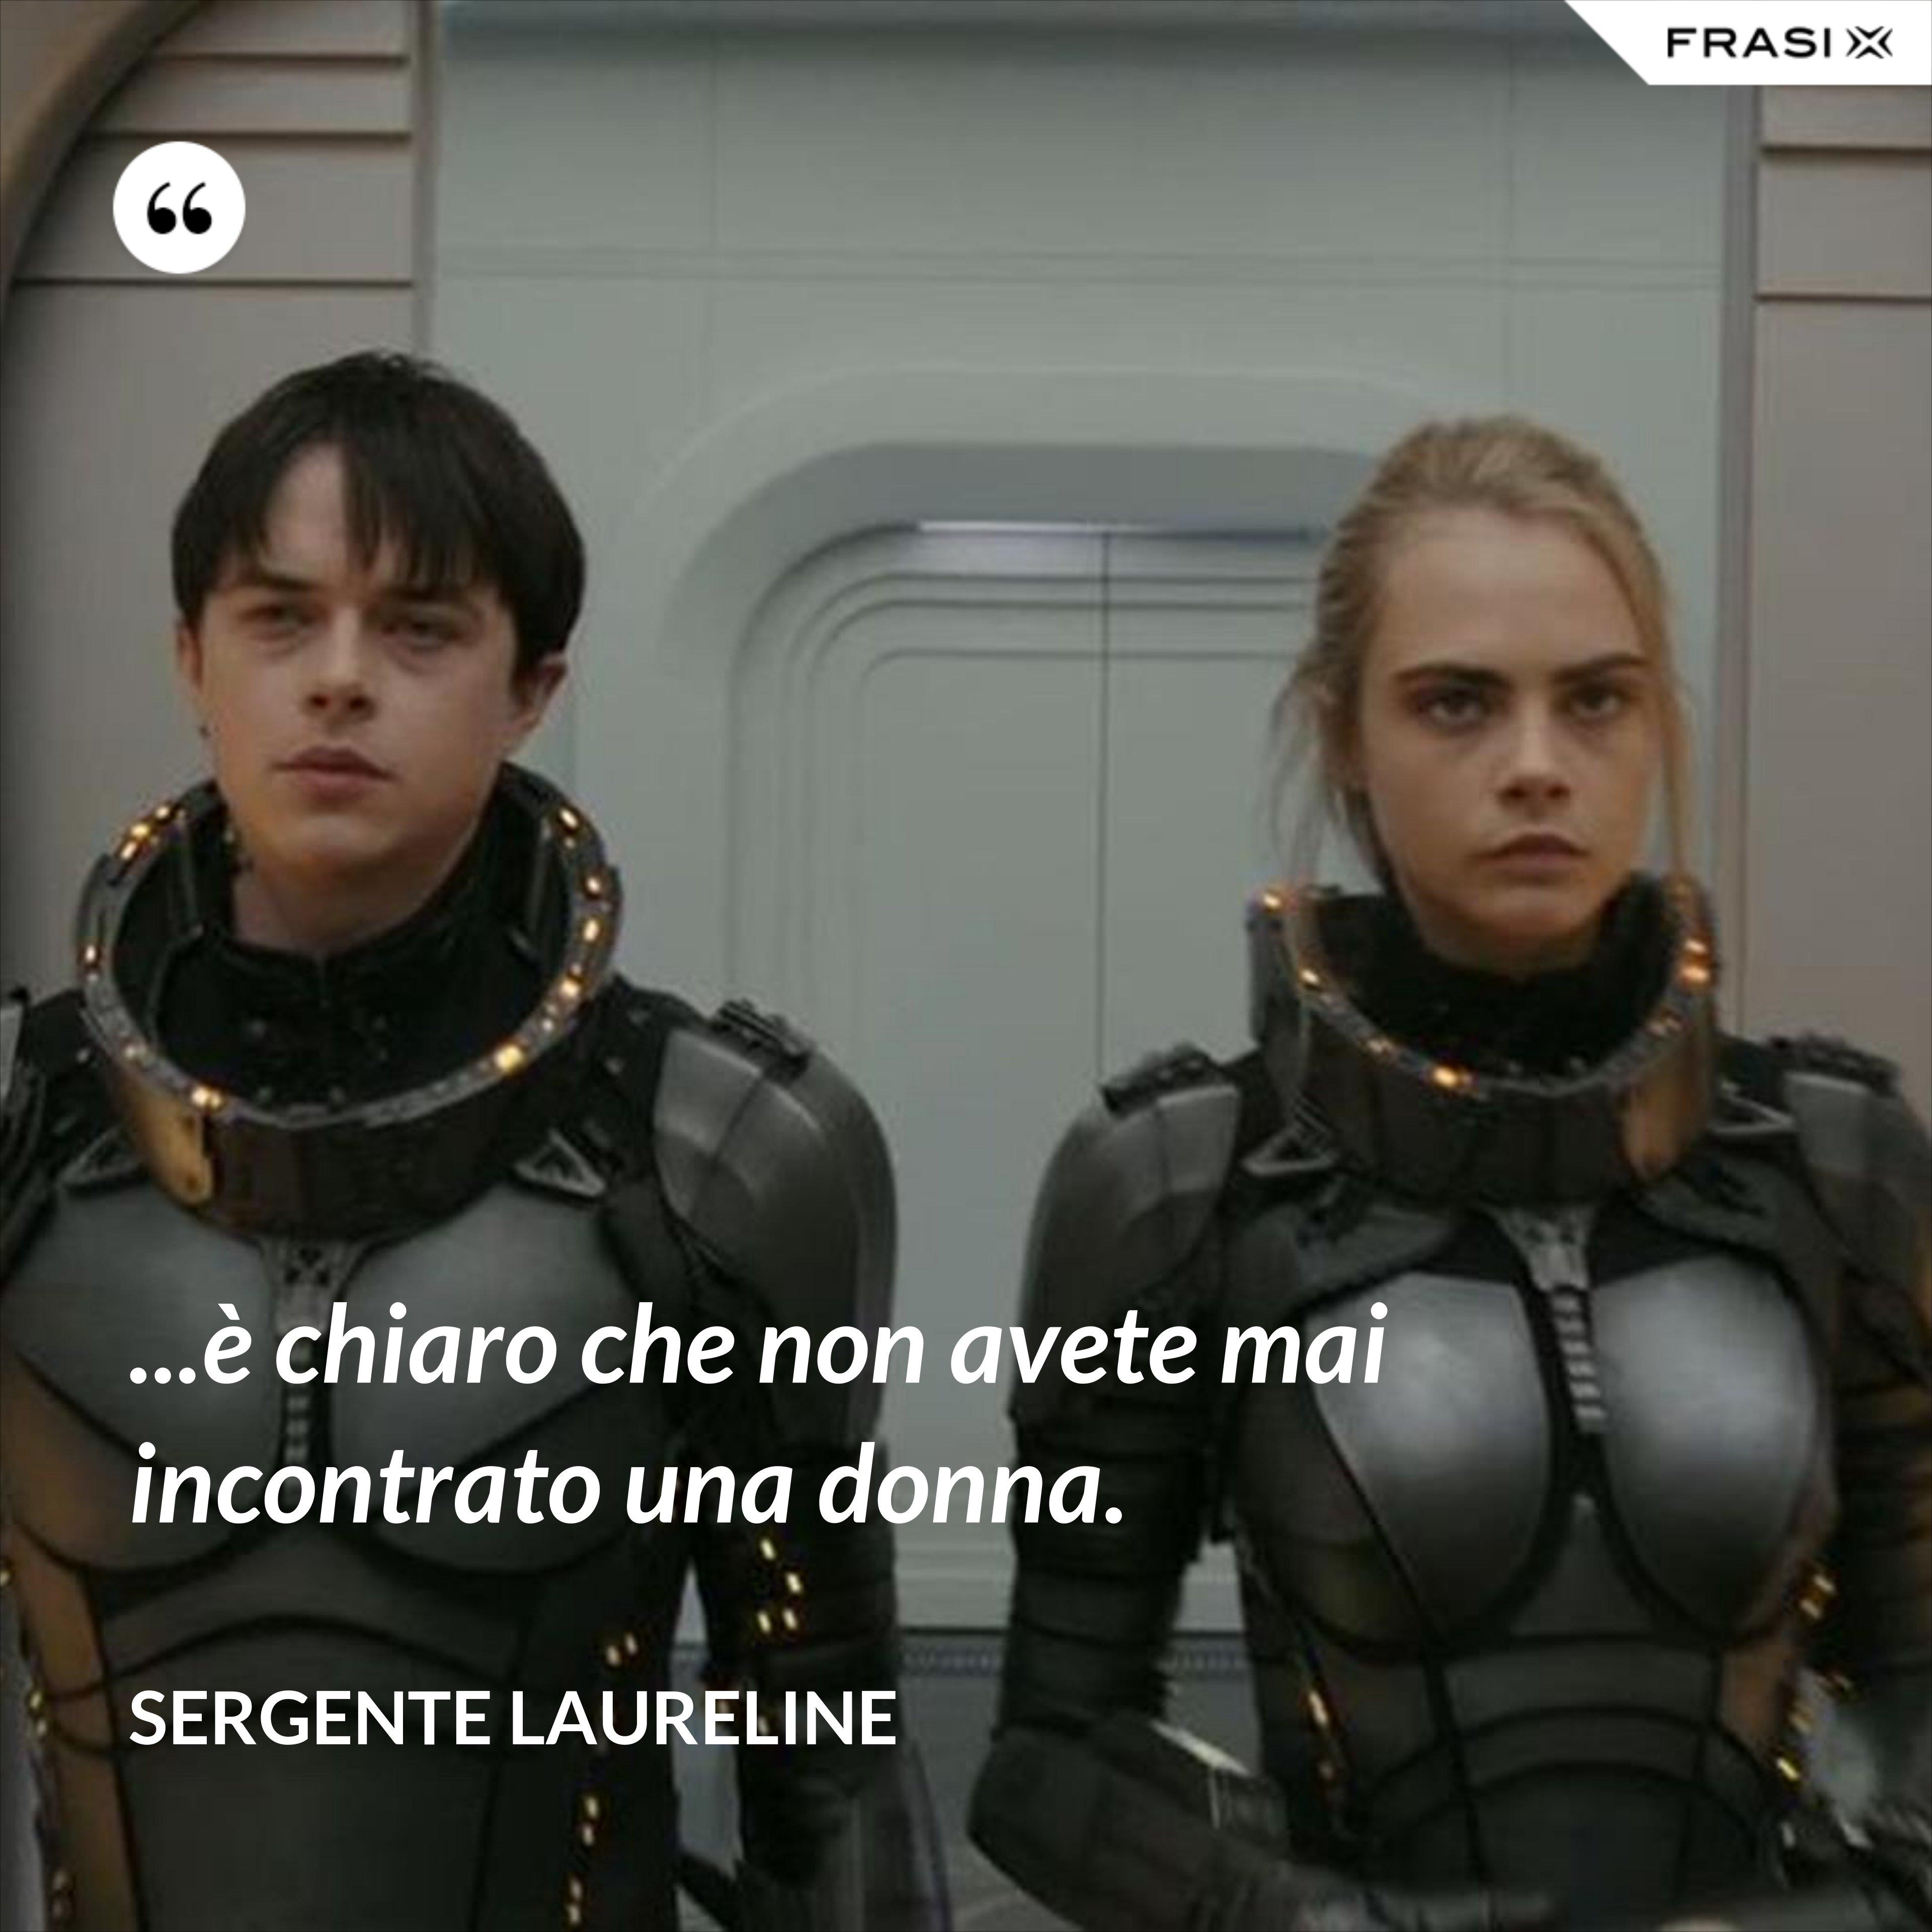 ...è chiaro che non avete mai incontrato una donna. - Sergente Laureline